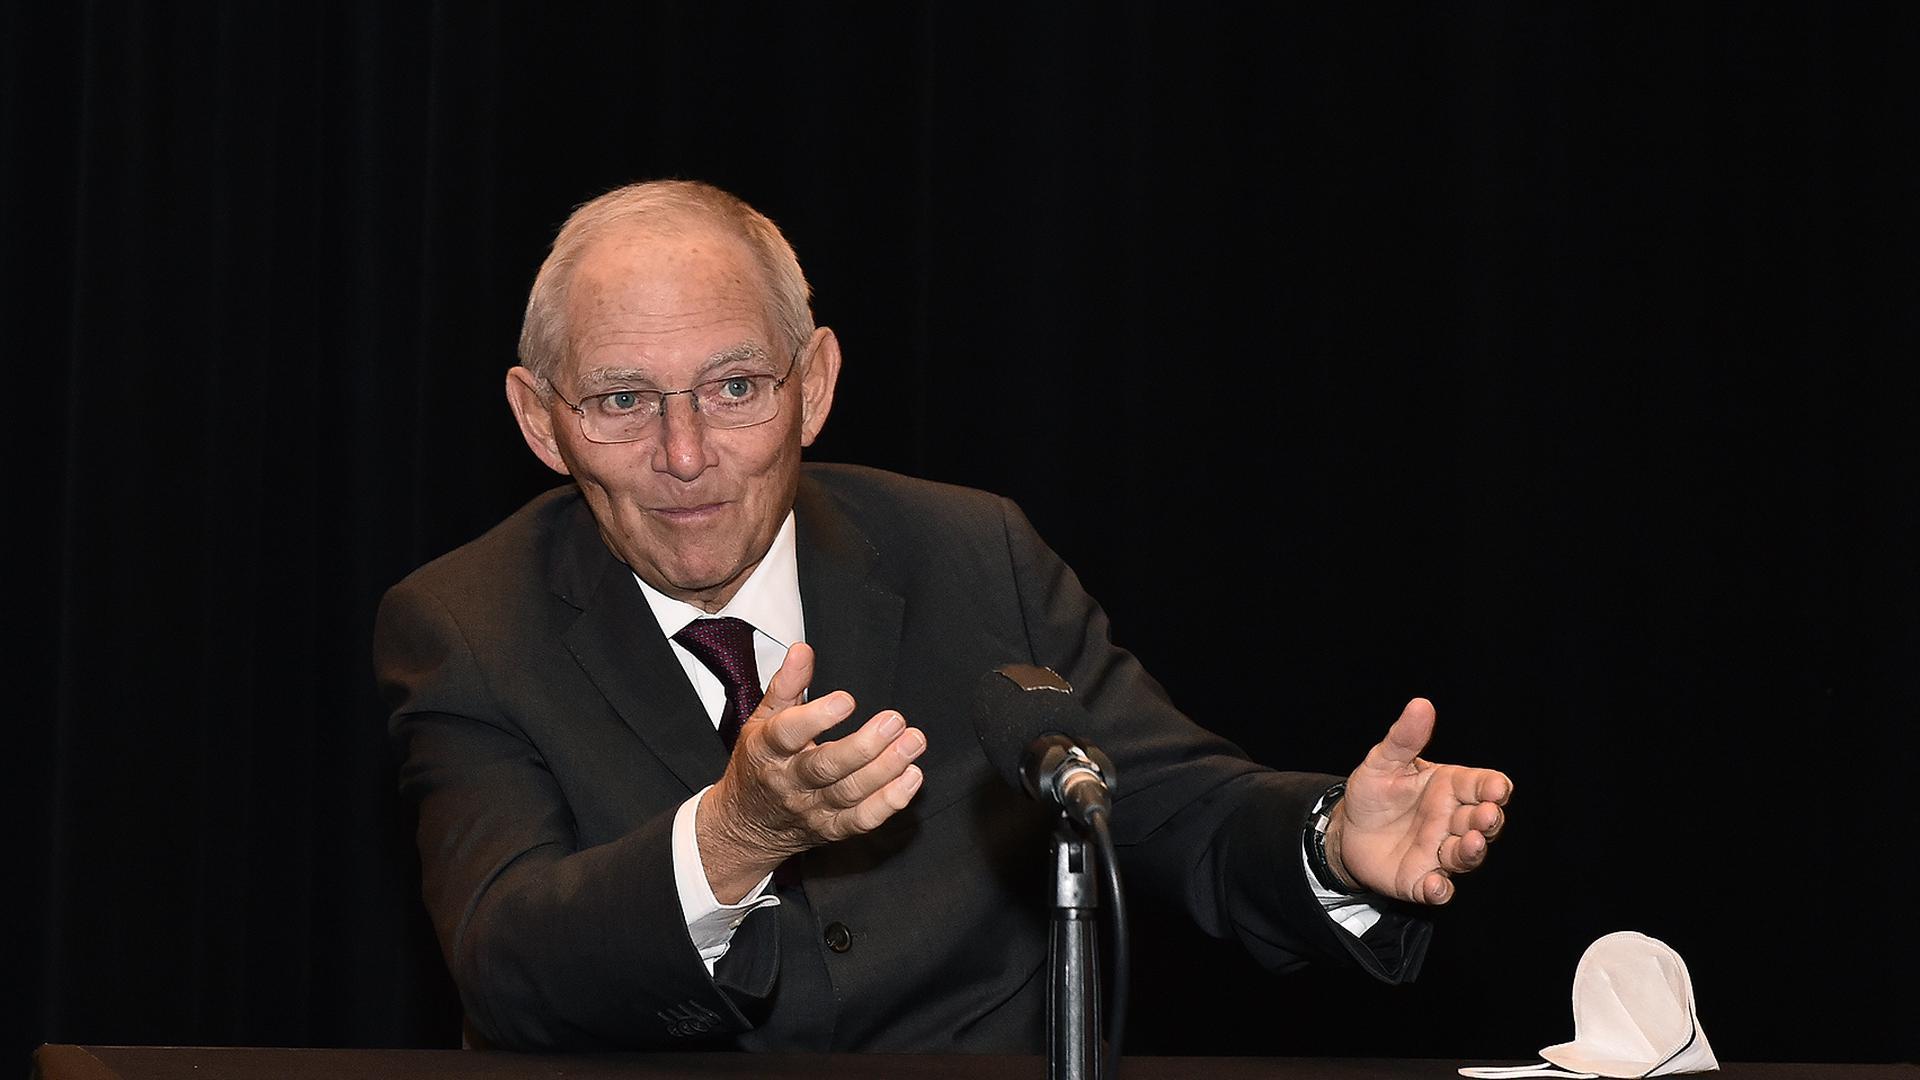 Der Ton unter den Abgeordneten ist sachlicher geworden, wie Bundestagspräsident Wolfgang Schäuble bemerkt hat.